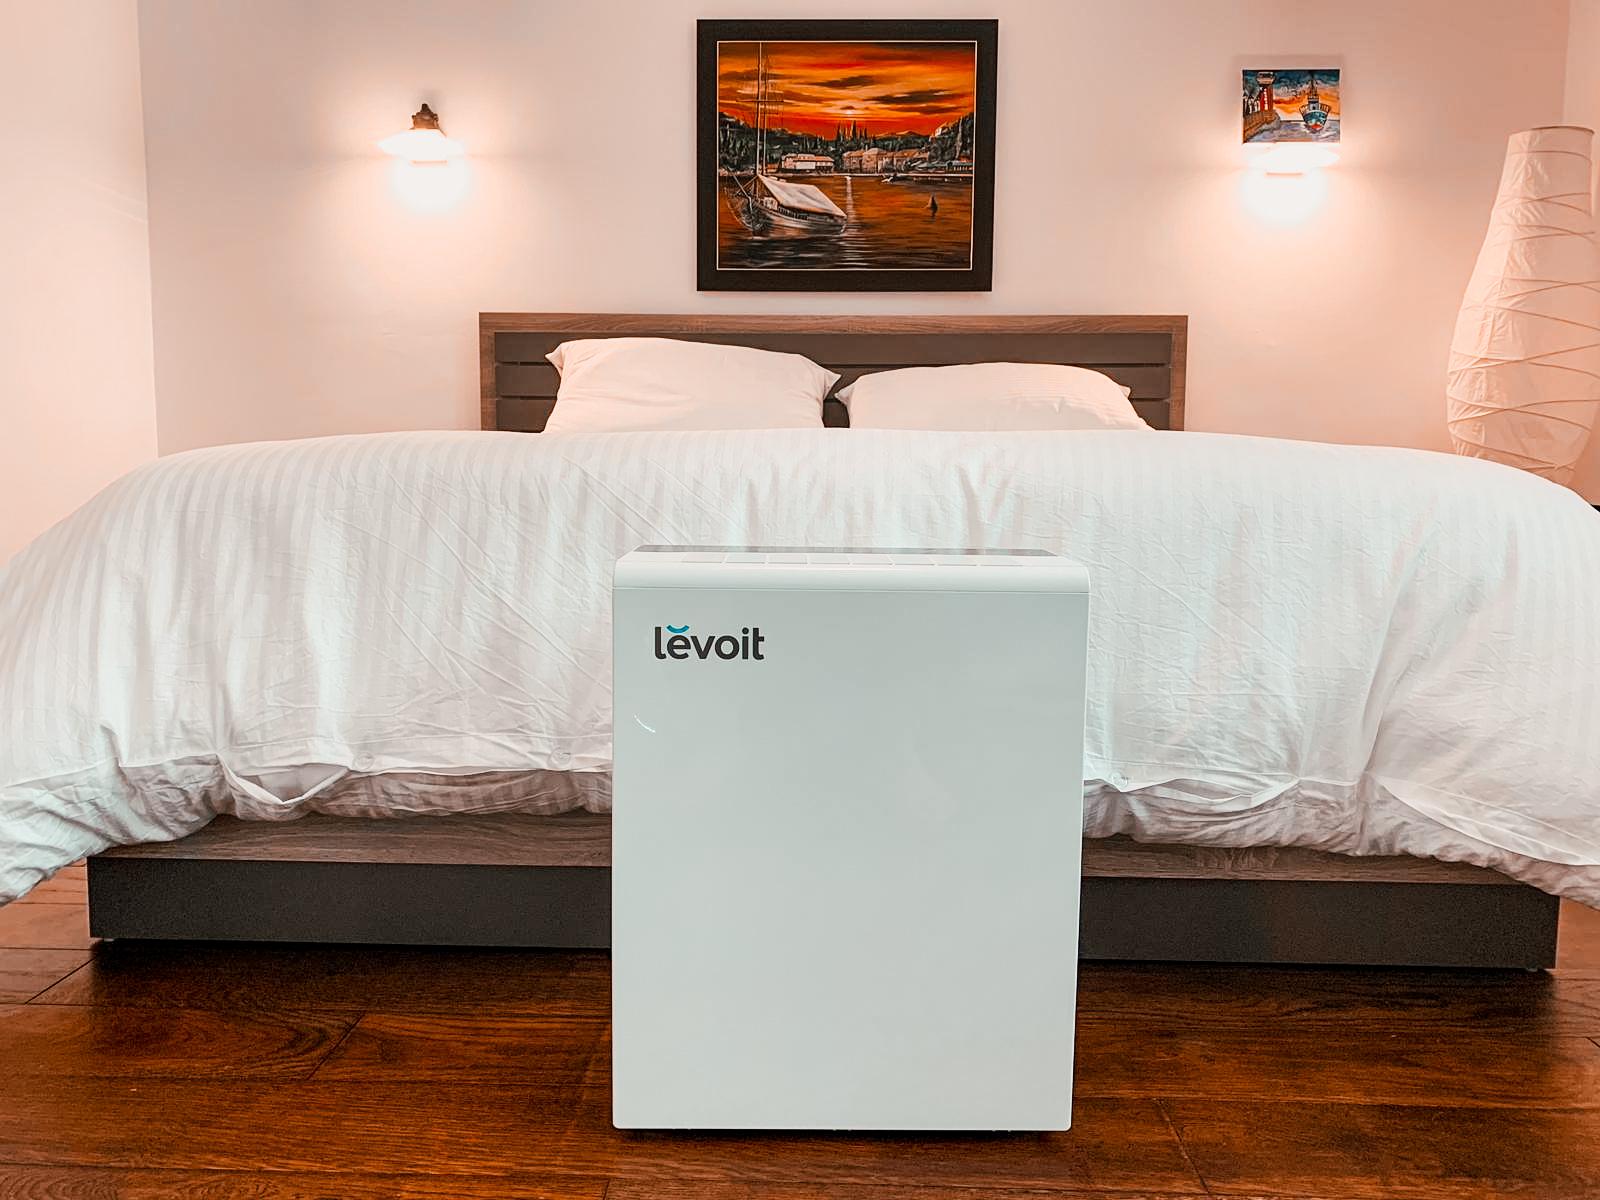 Levoit Smart Wifi Air Purifier1.jpeg